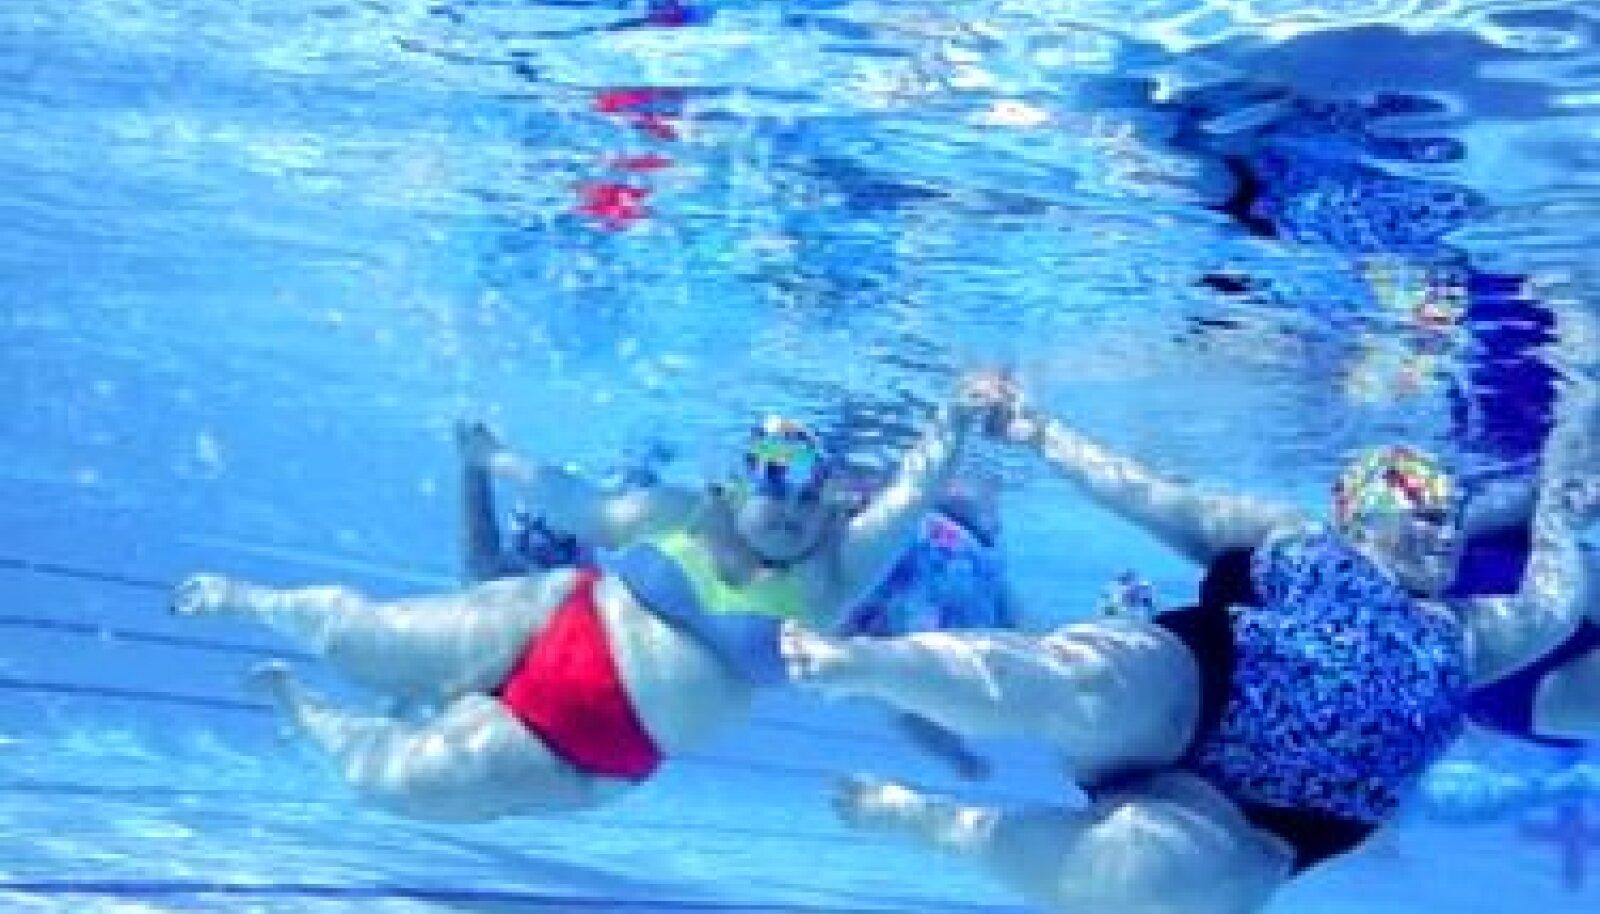 Padded Lilies, paksust propageeriv ujumisvõistkond